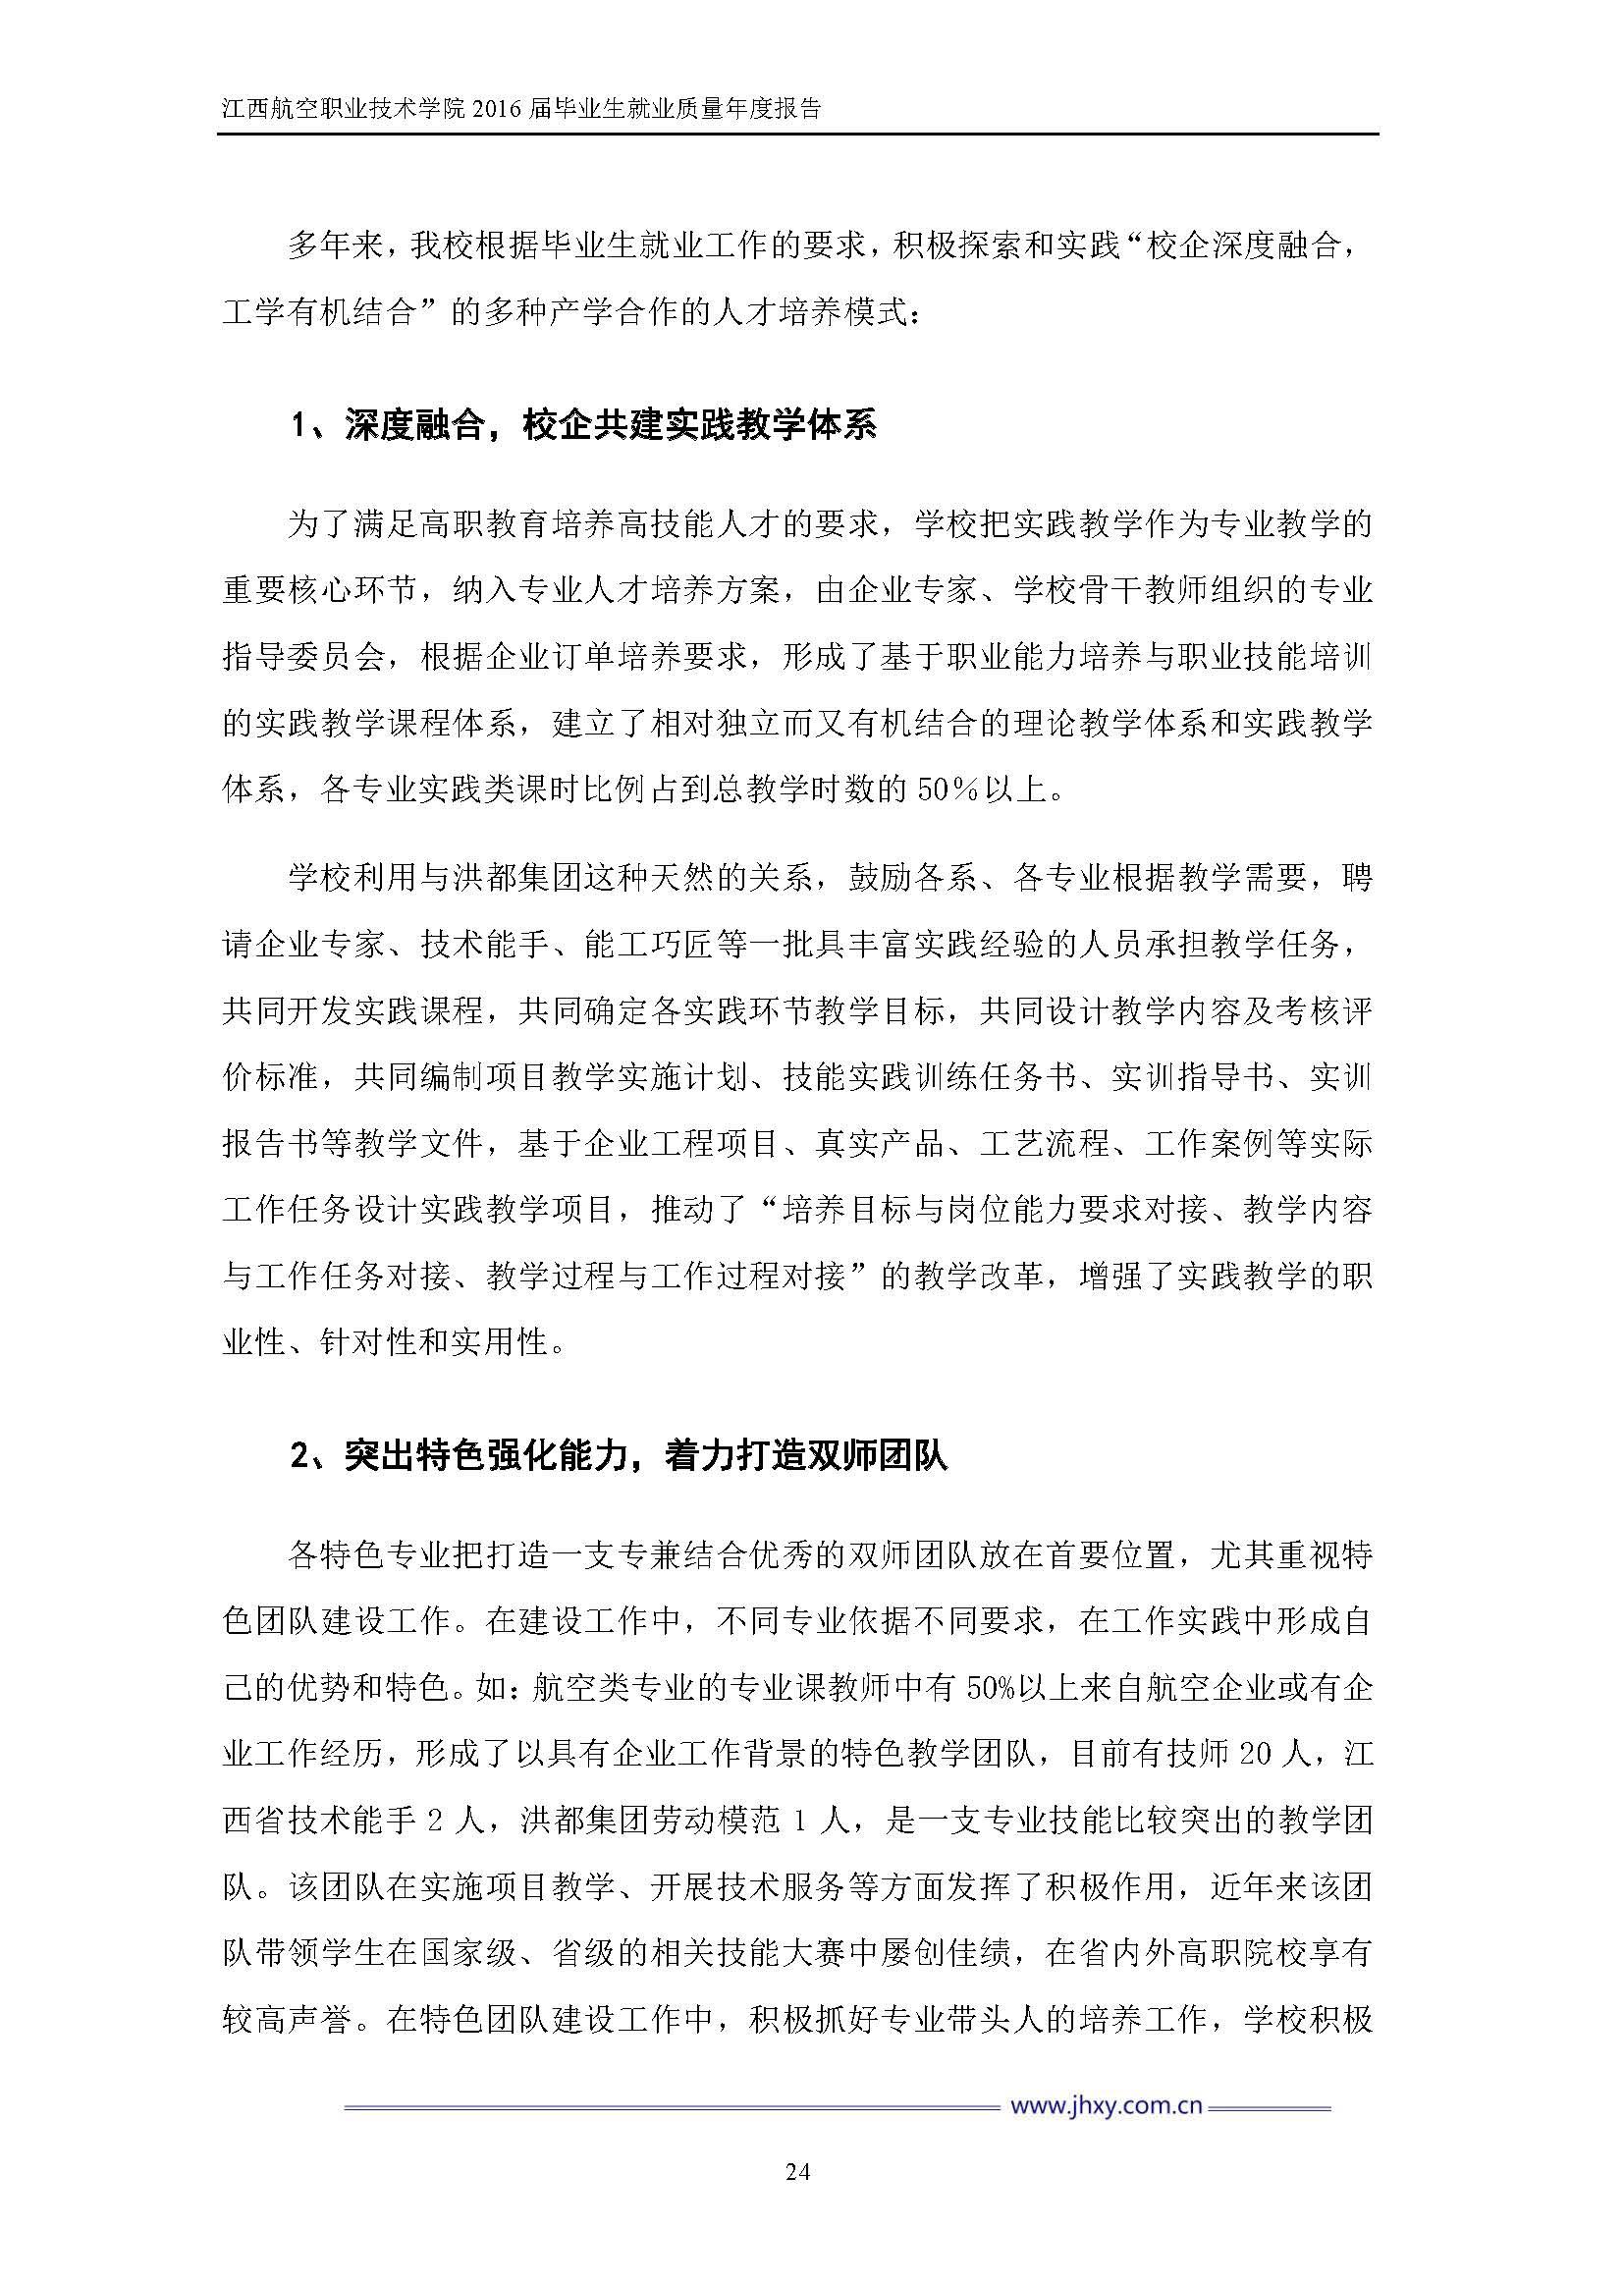 江西航空职业技术学院2016届毕业生就业质量年度报告_Page_31.jpg